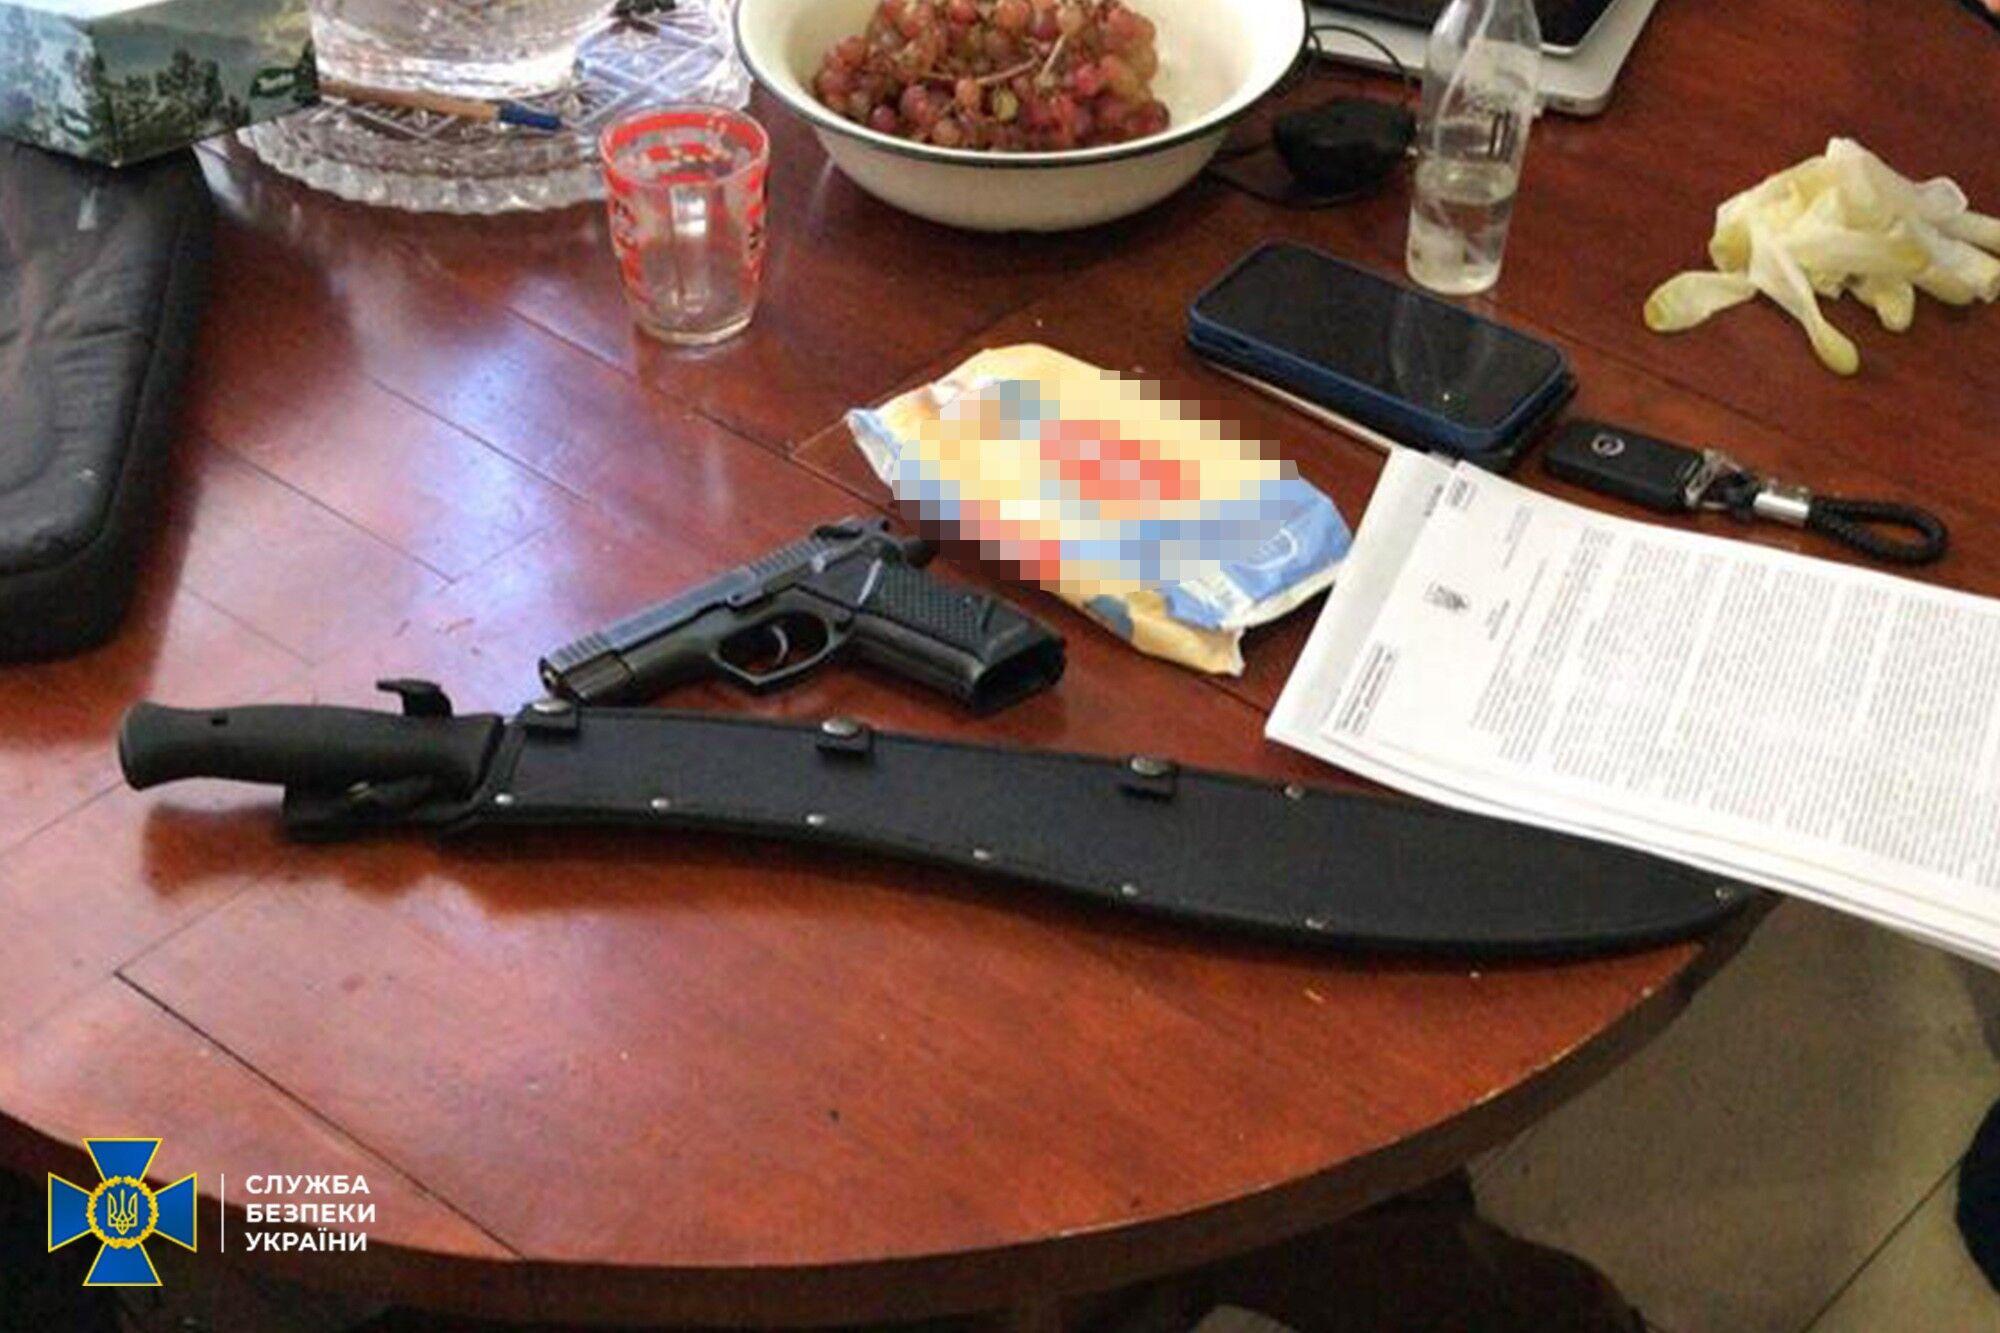 Правоохранители нашли оружие